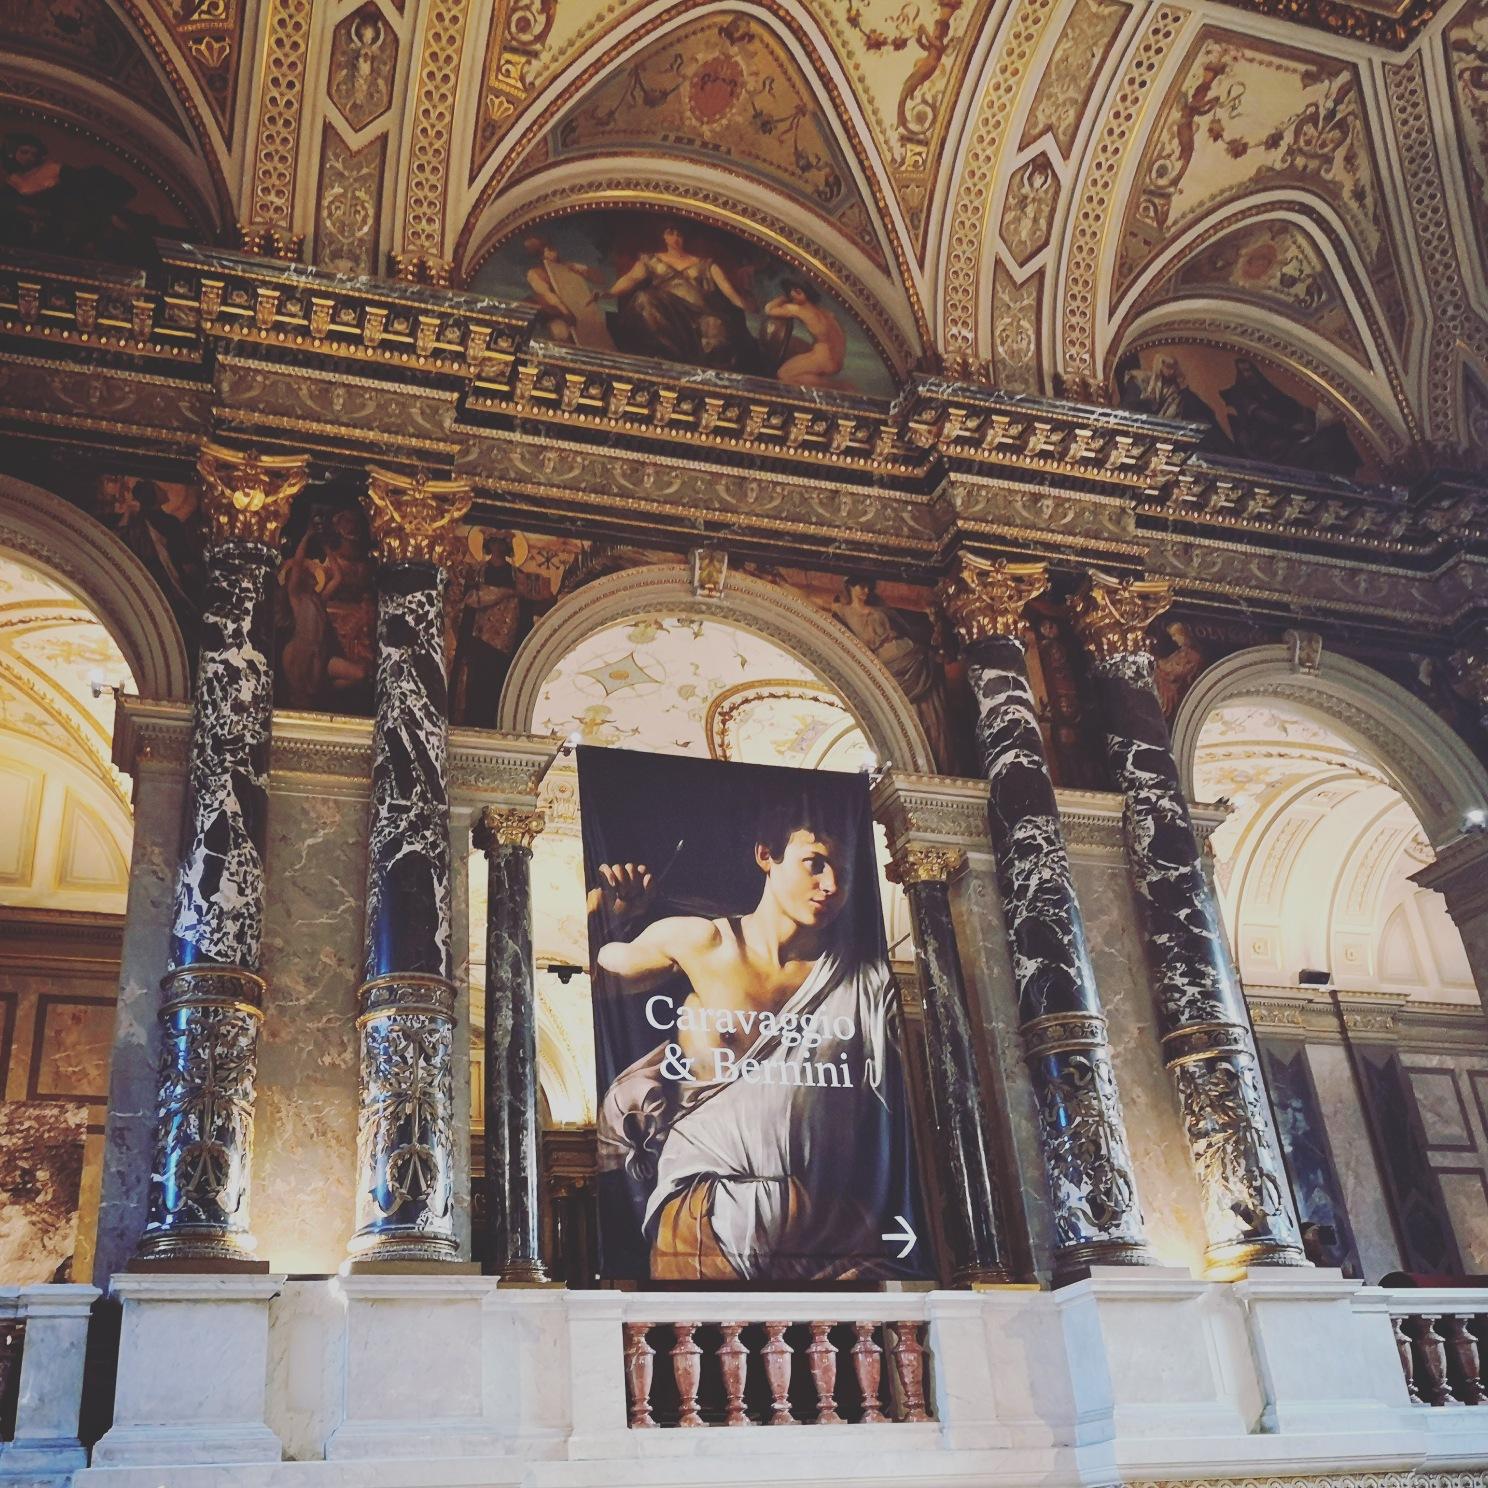 Caravaggio und Bernini im Kunsthistorischen Museum Wien - kekinwien.at